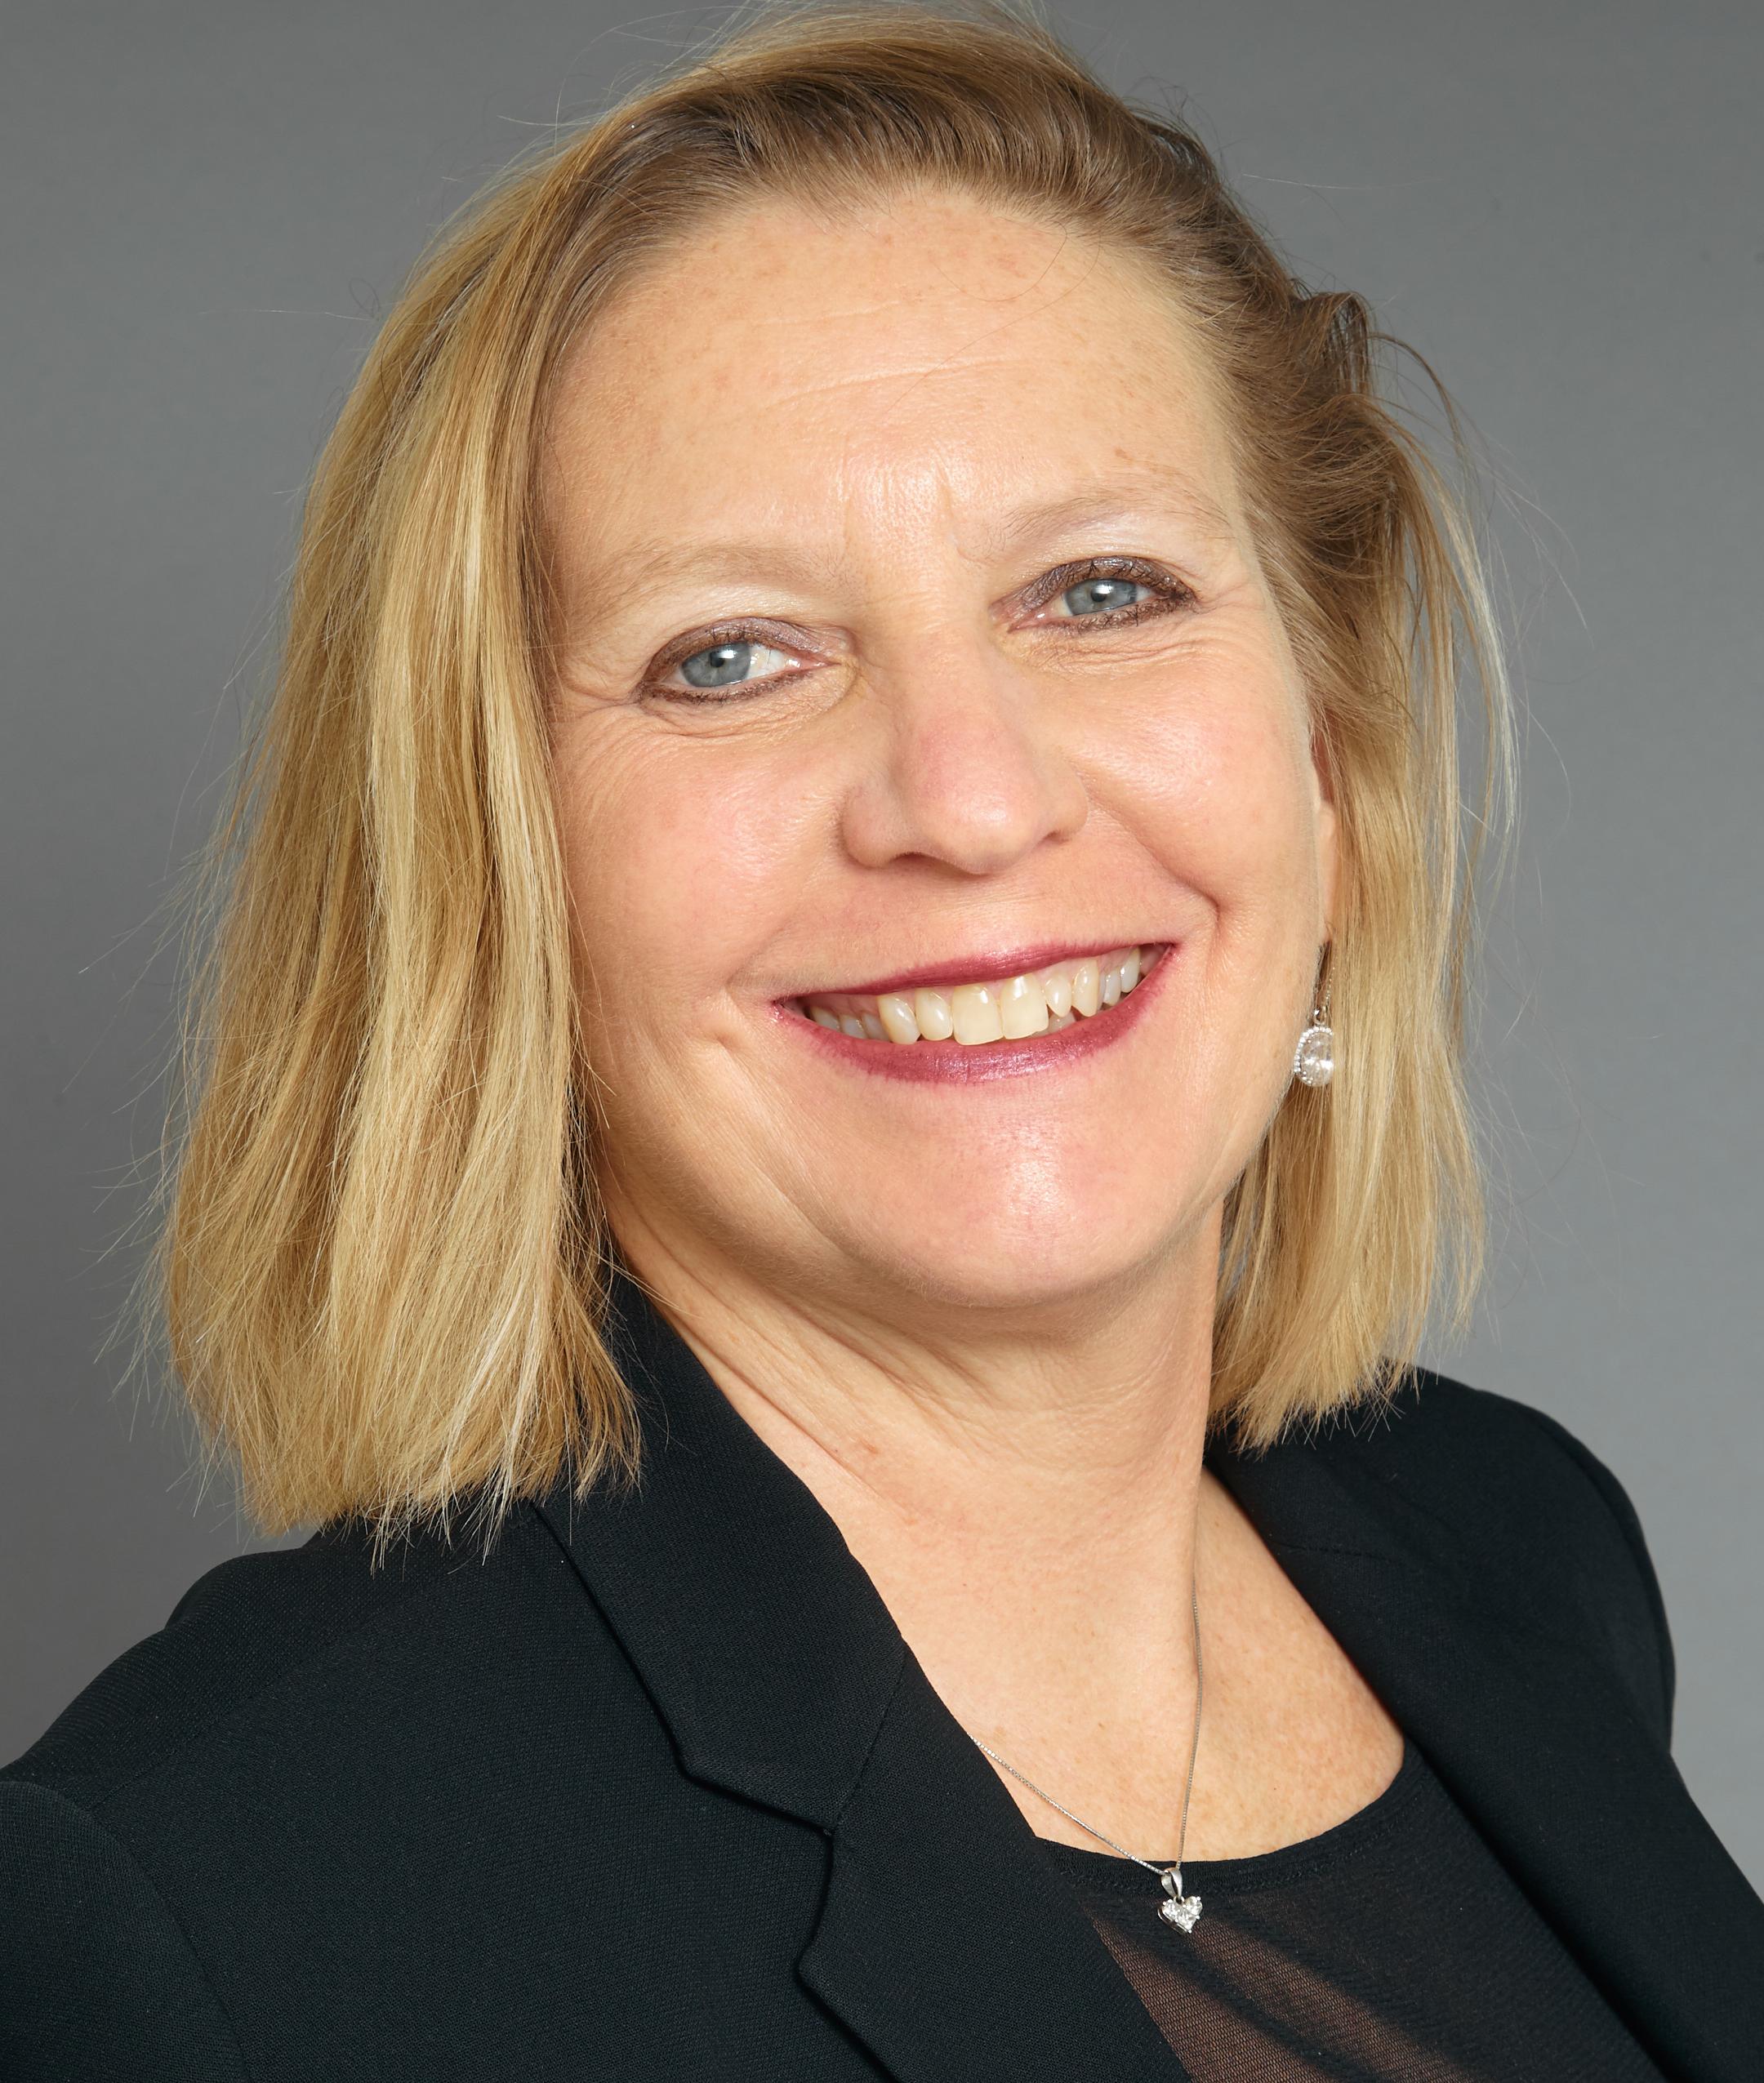 Ann Henzgen